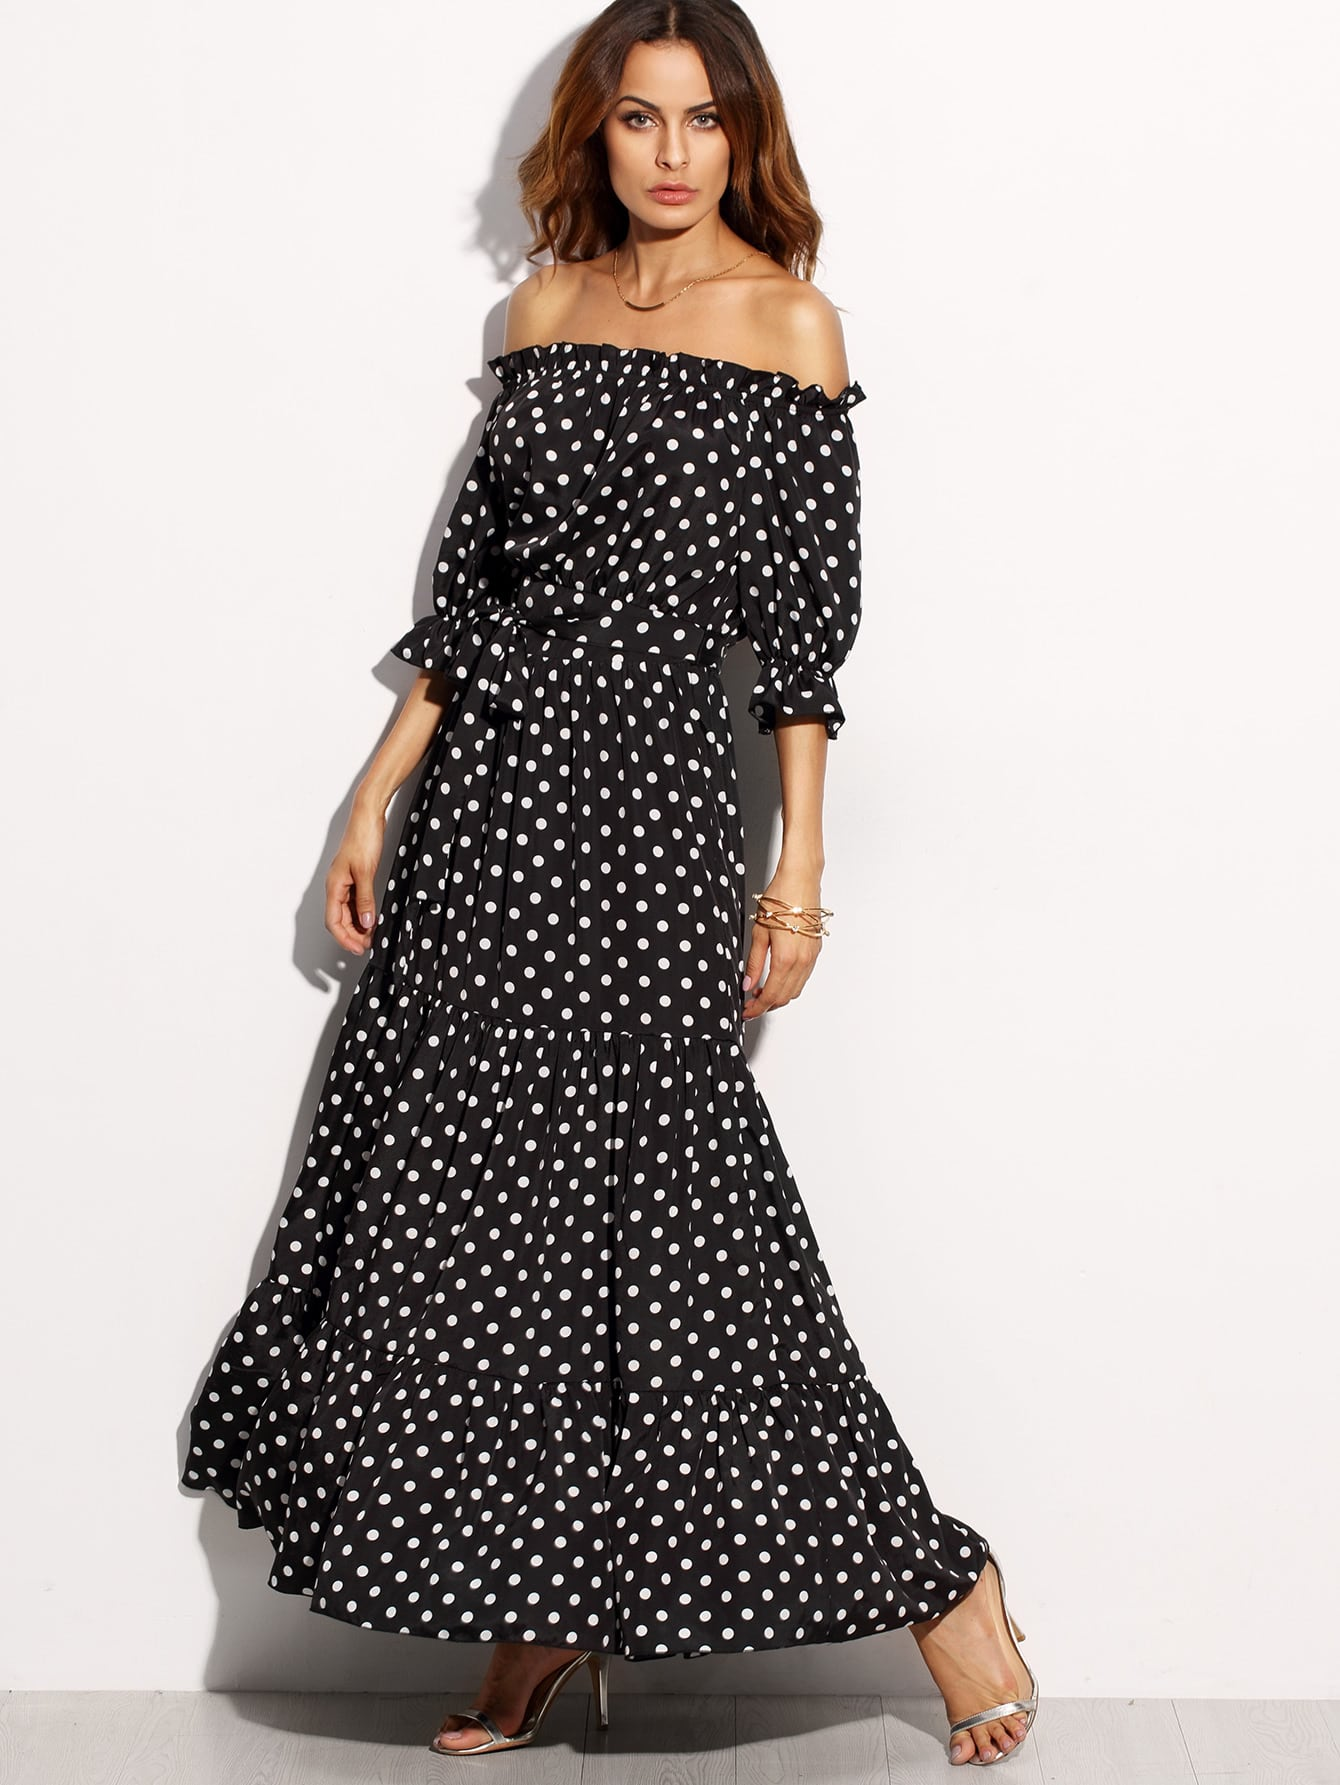 Polka Dot Bardot Neckline Tie Waist Dress dress160726504